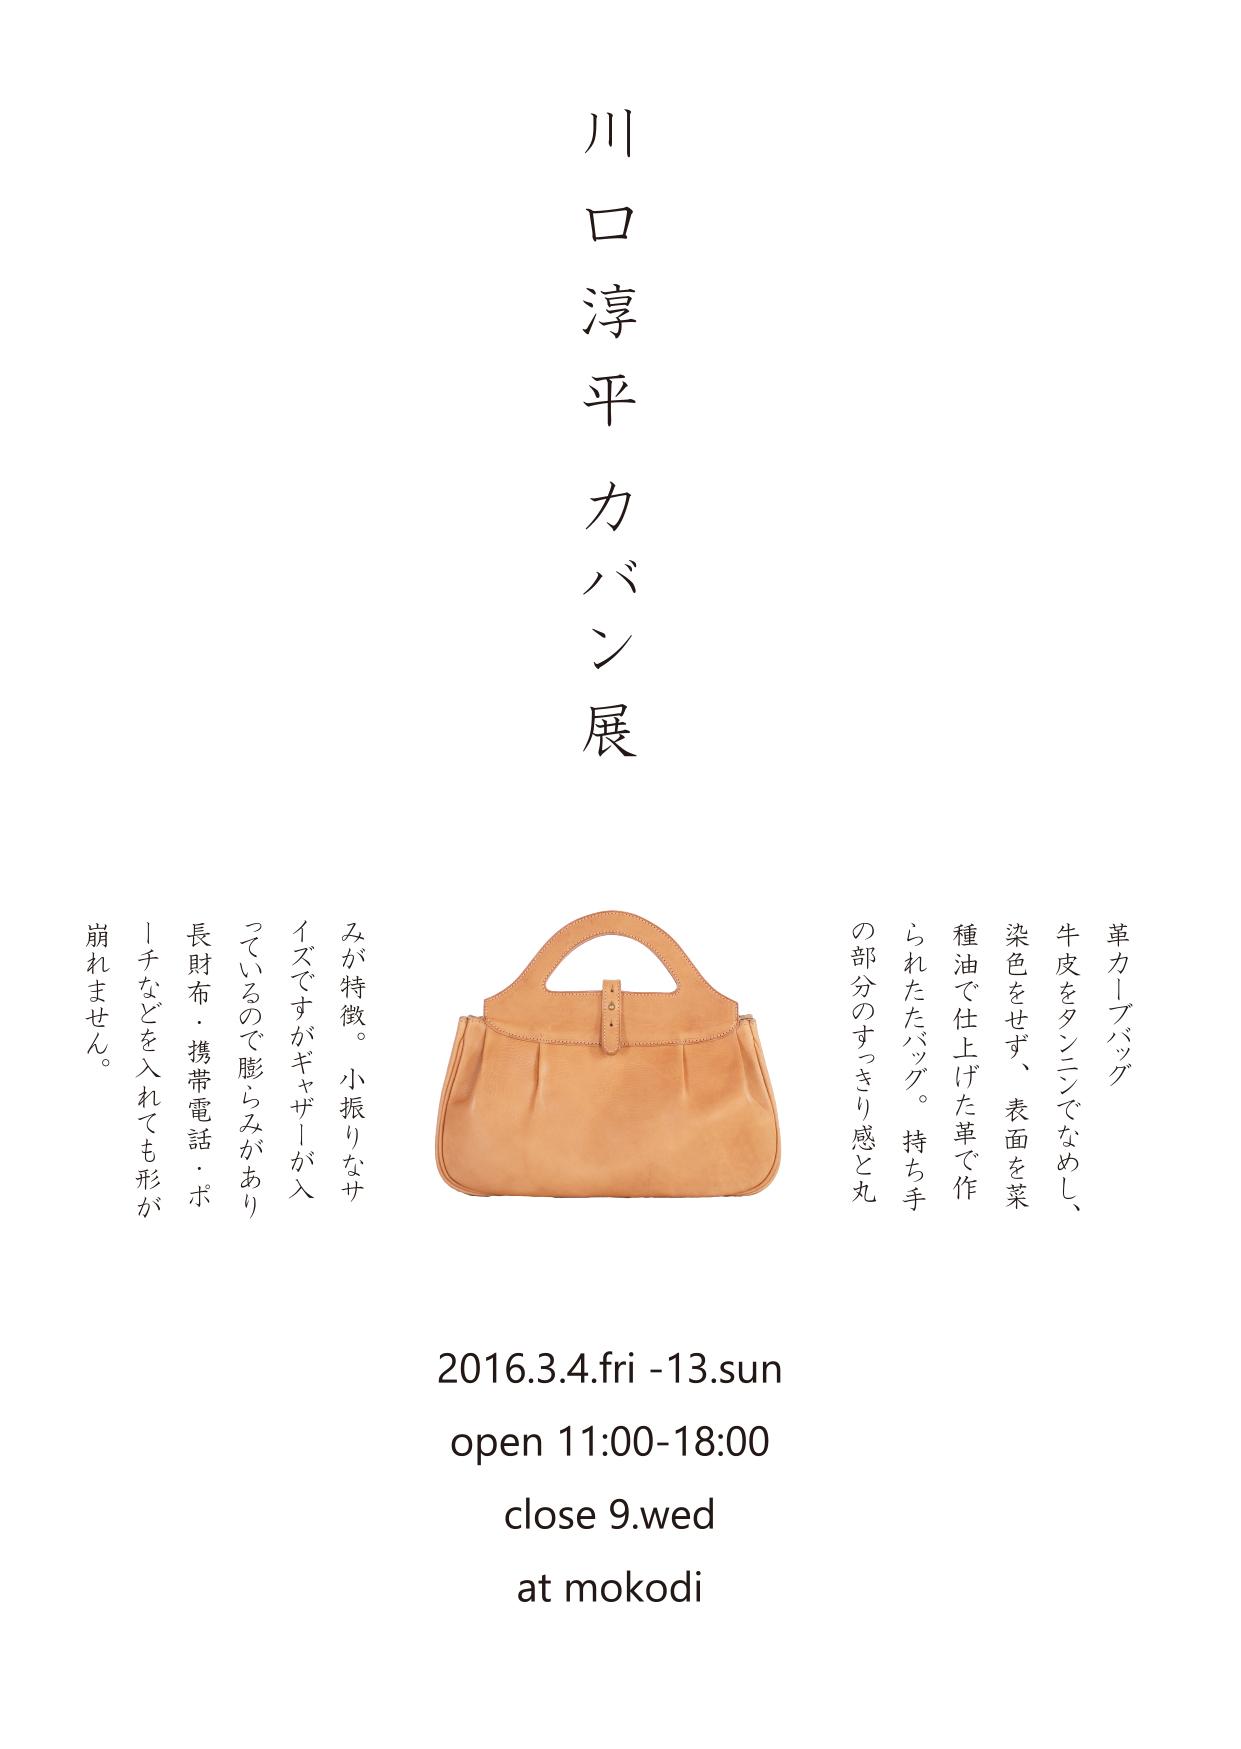 川口 淳平 カバン 展 2016.3.4~